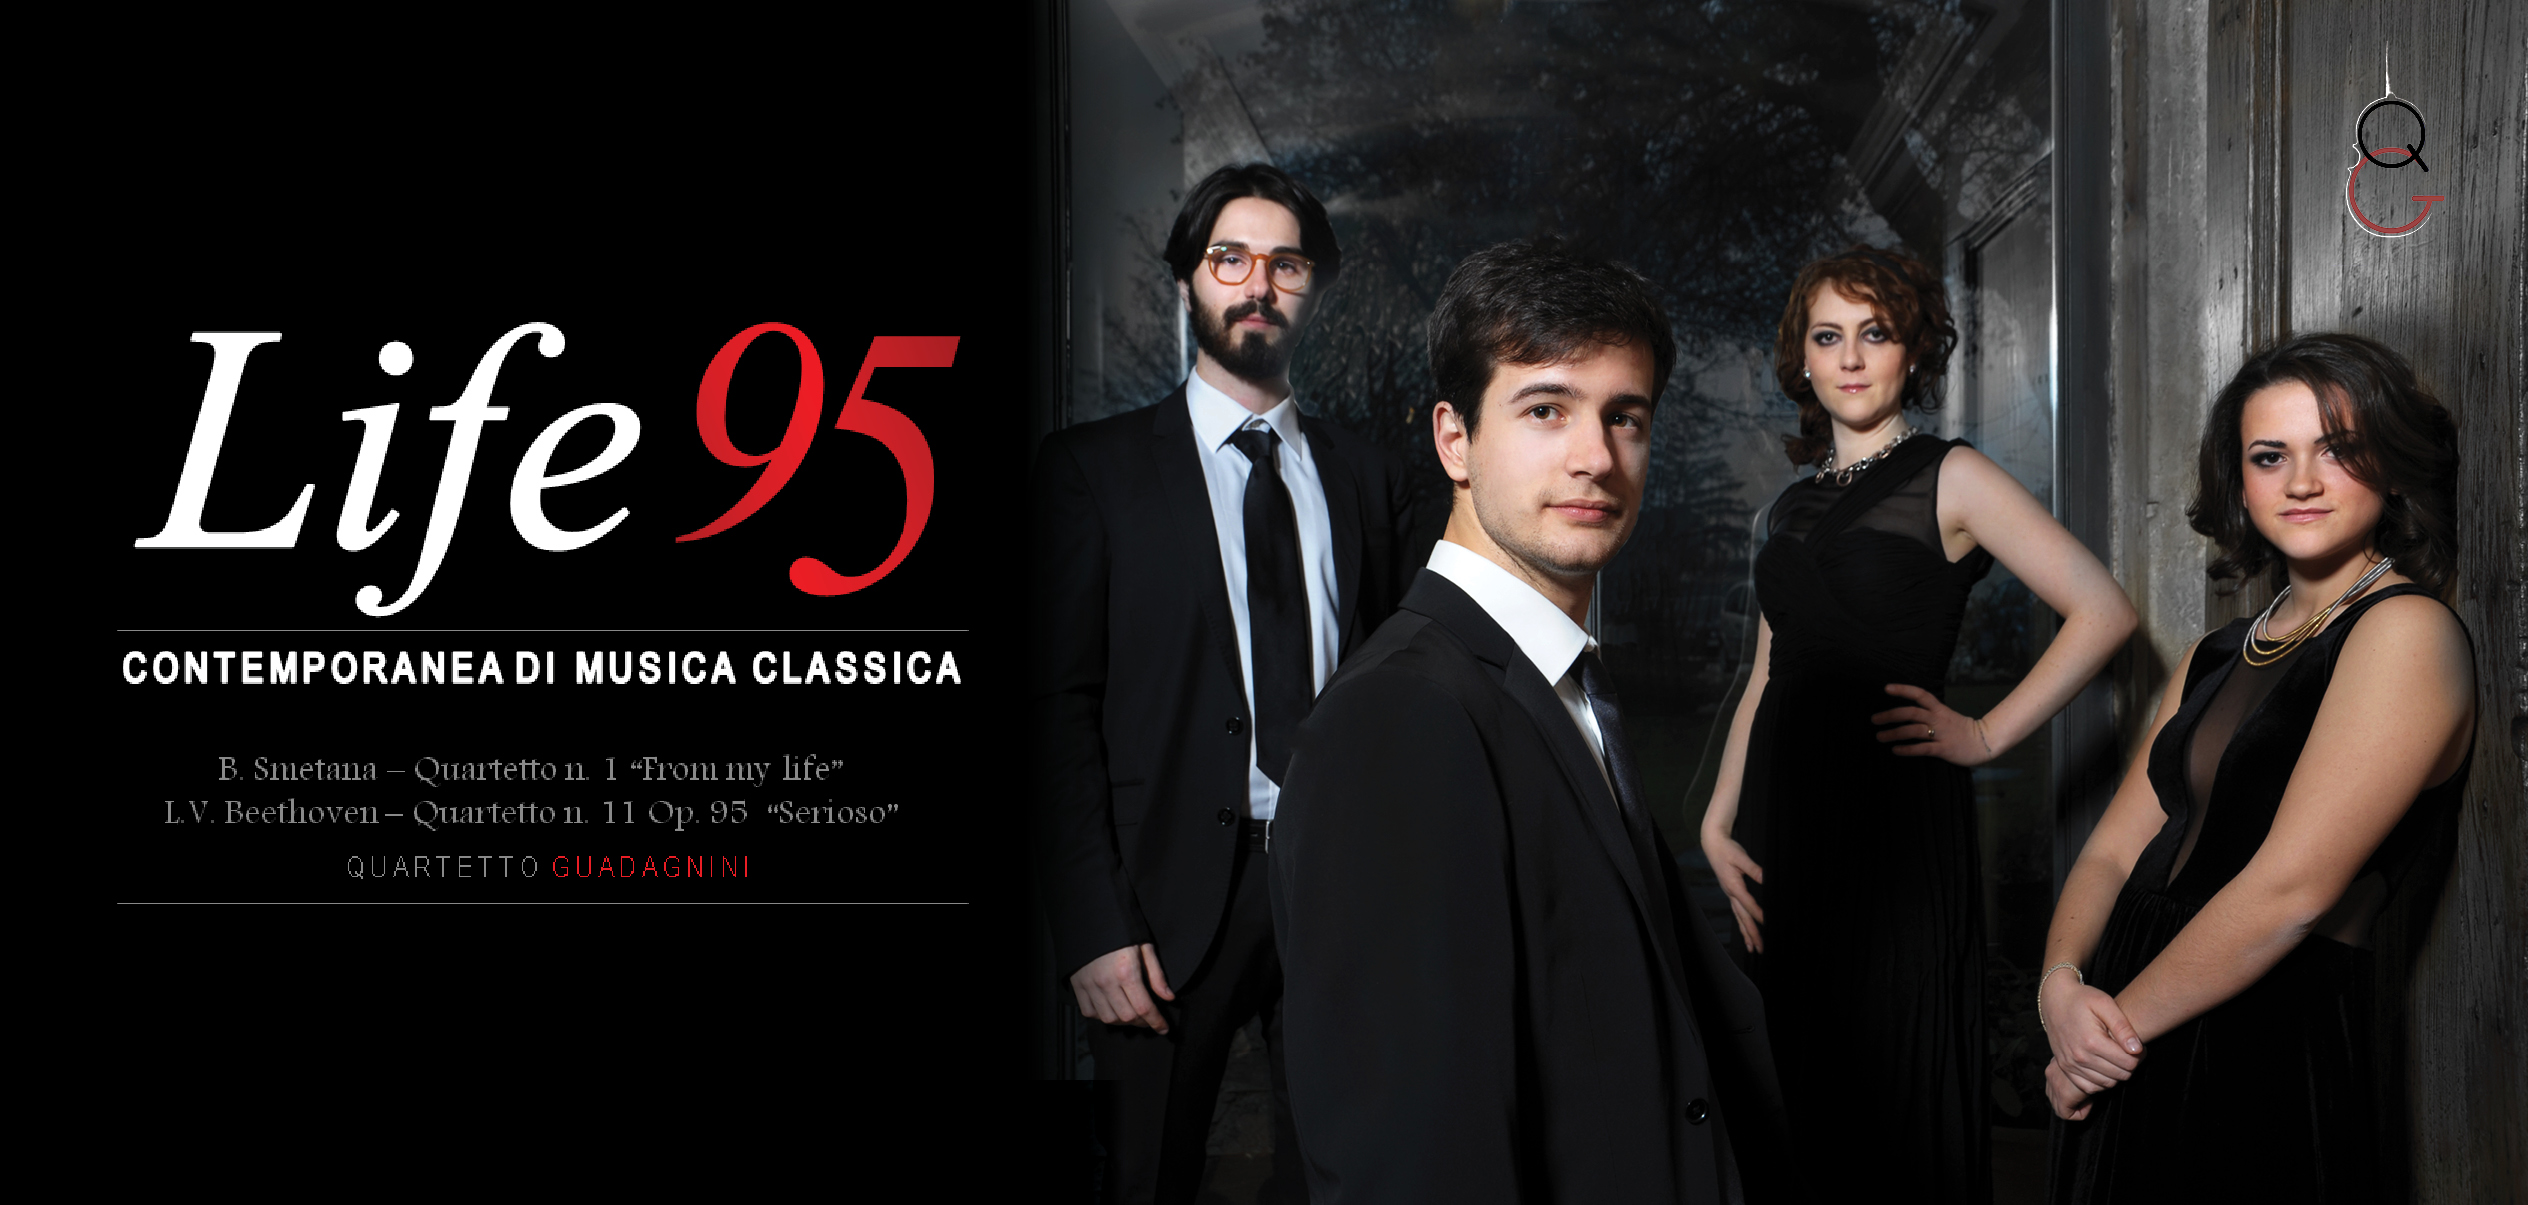 Life95 contemporanea di musica classica bari il tacco for Musica classica